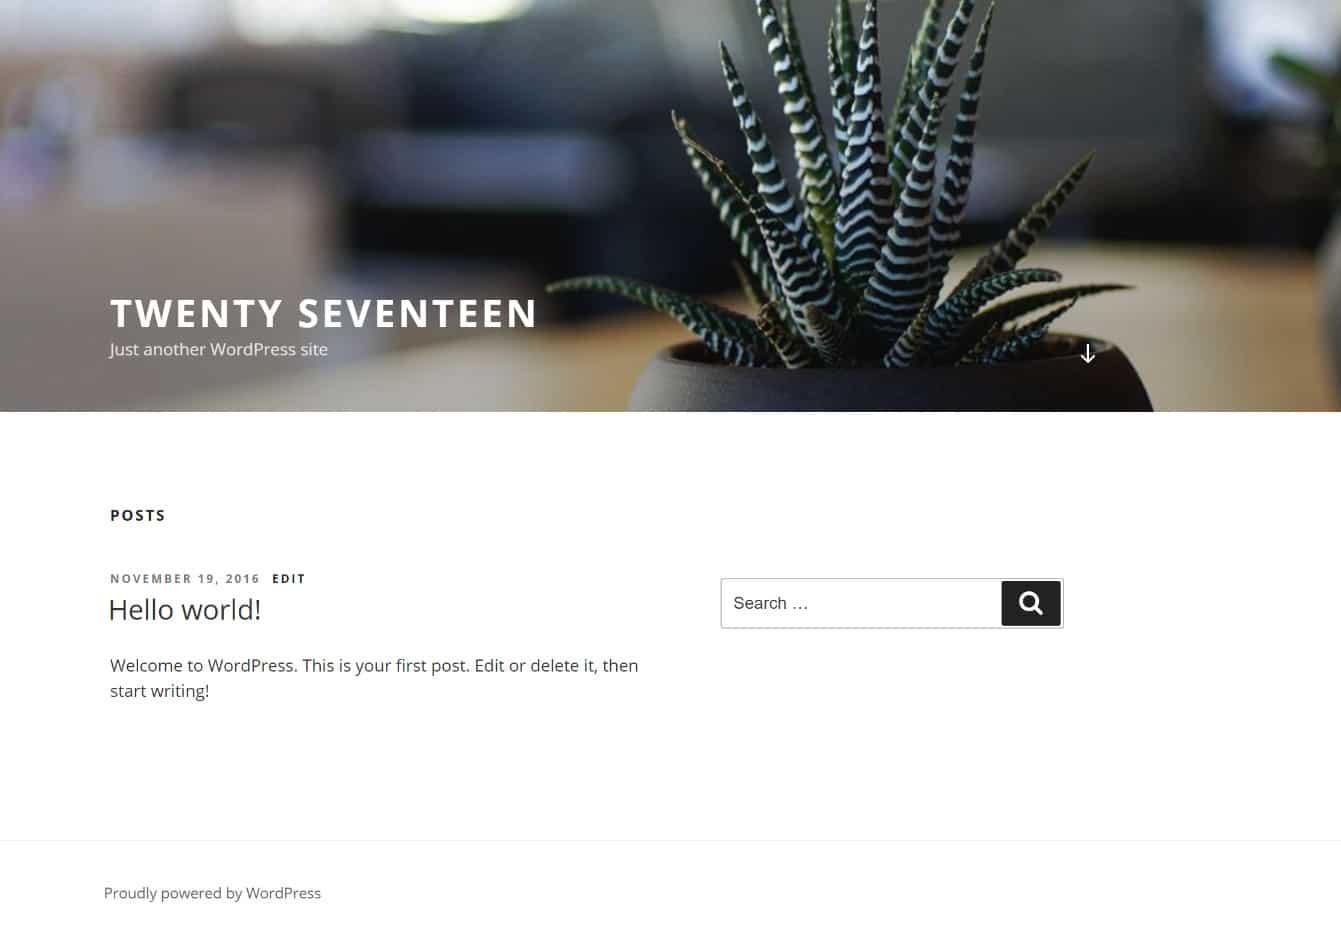 Thème WordPress Twenty Seventeen